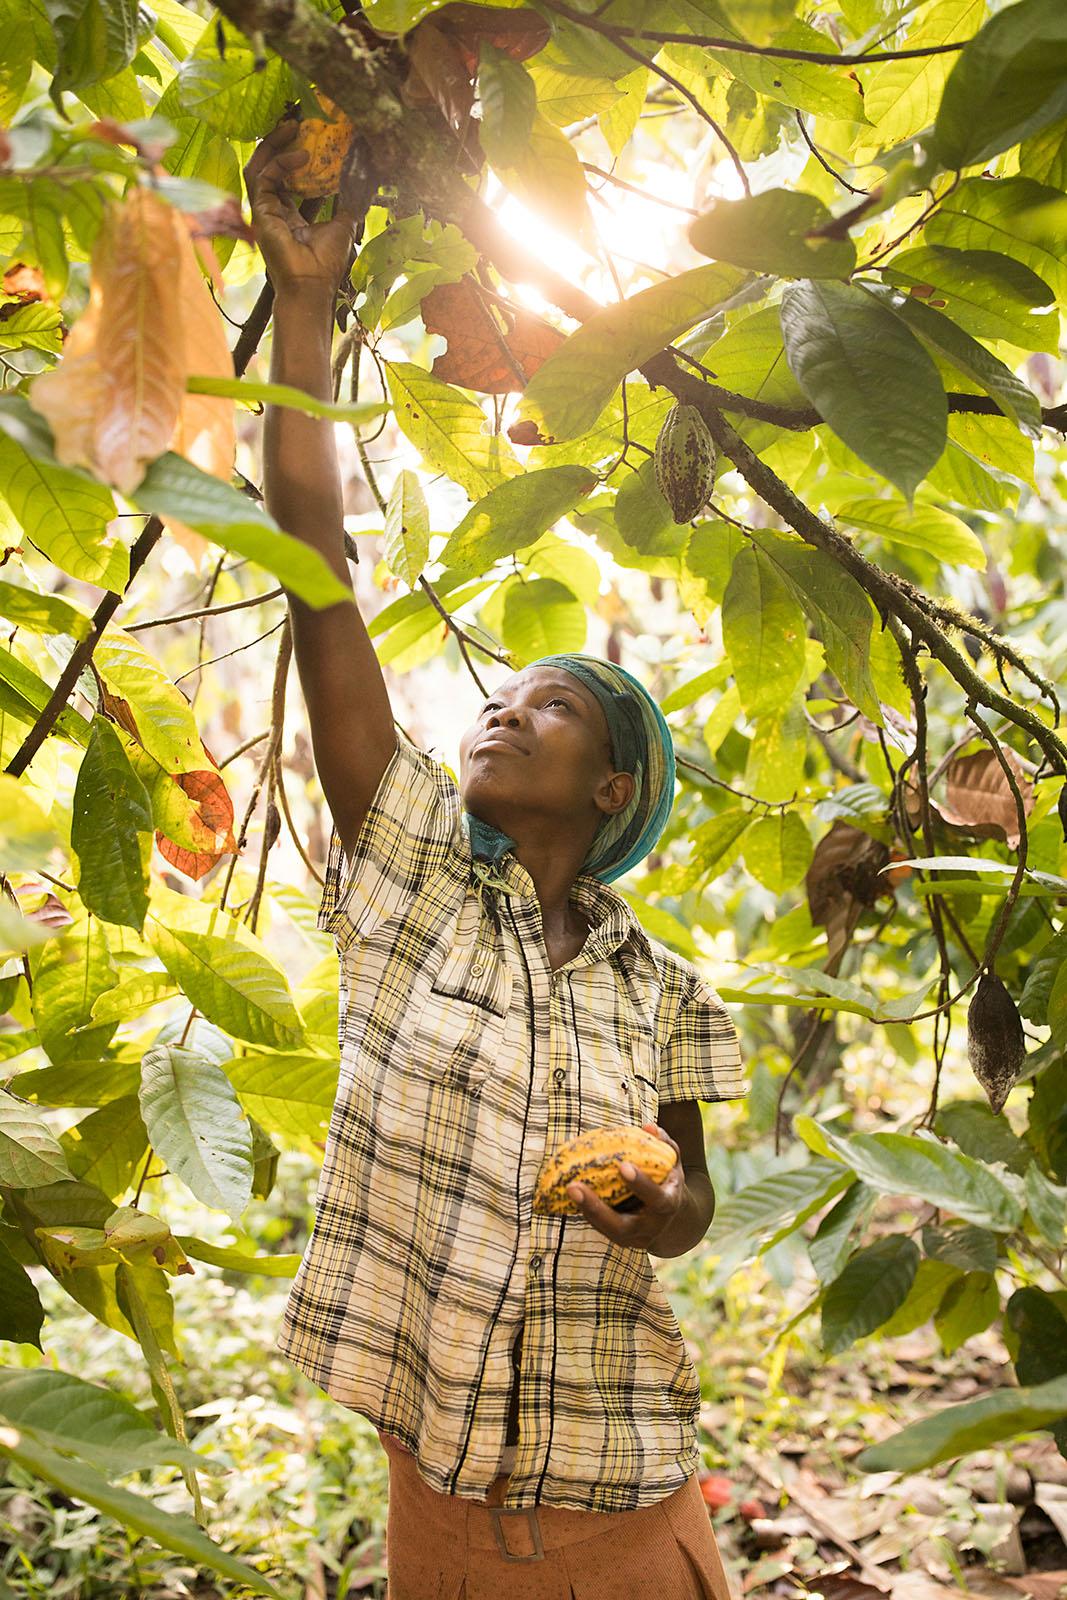 A woman picks cocoa bean pods in Mukono District, Uganda.